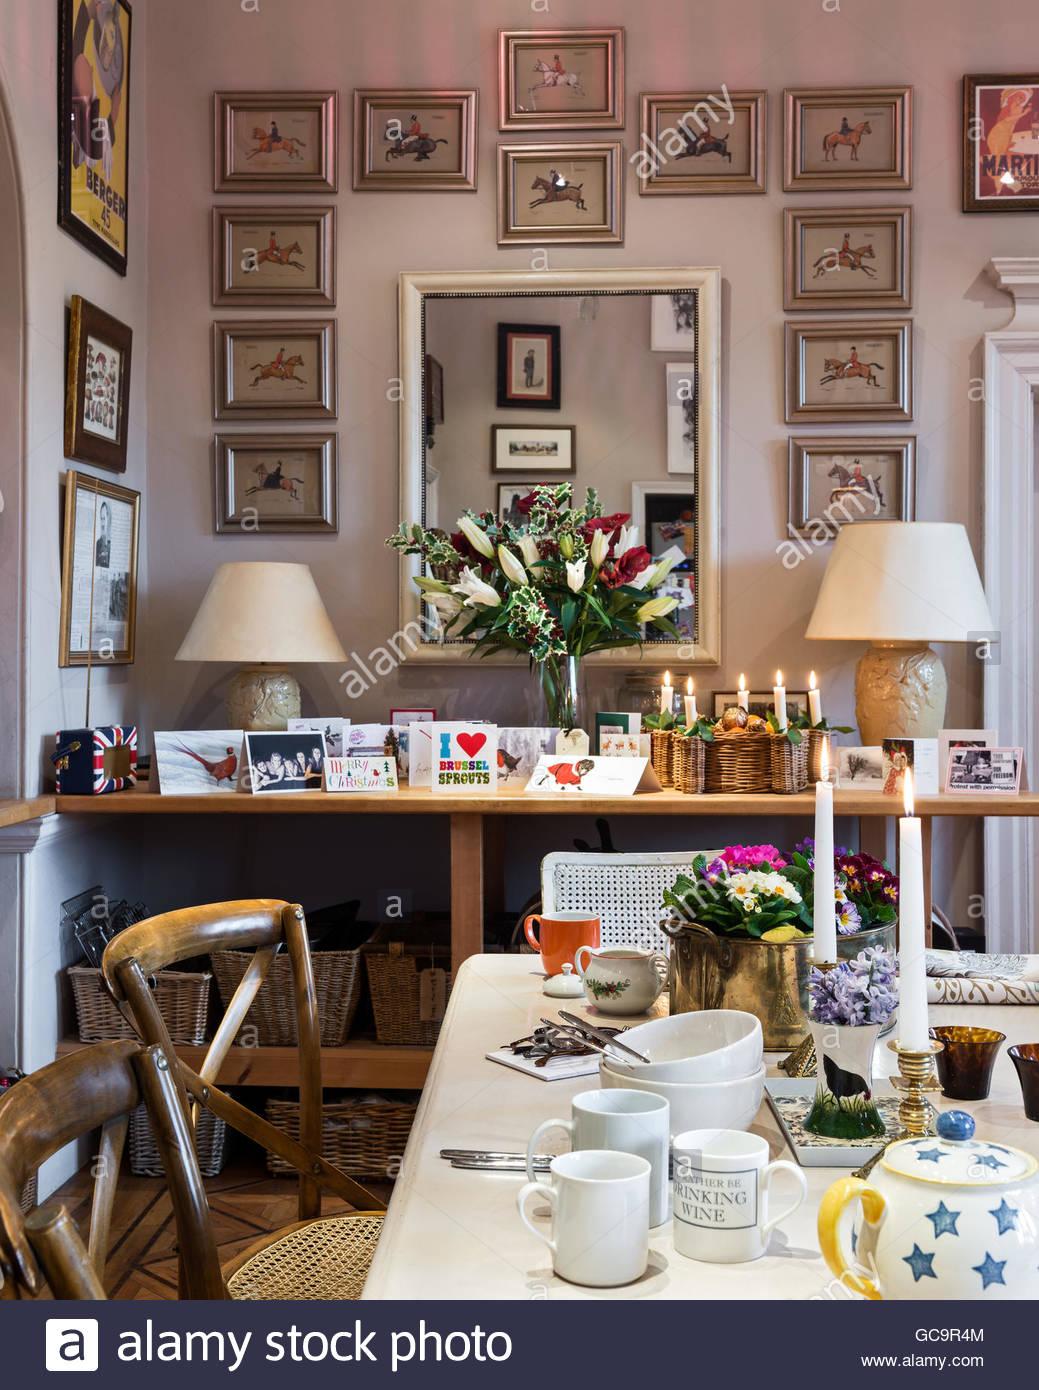 Full Size of Beistelltisch Für Küche Weihnachtskarten Und Lilien Auf In Kche Der Wandverkleidung Einrichten Schneidemaschine Sideboard Mit Arbeitsplatte Tapeten Sitzbank Wohnzimmer Beistelltisch Für Küche